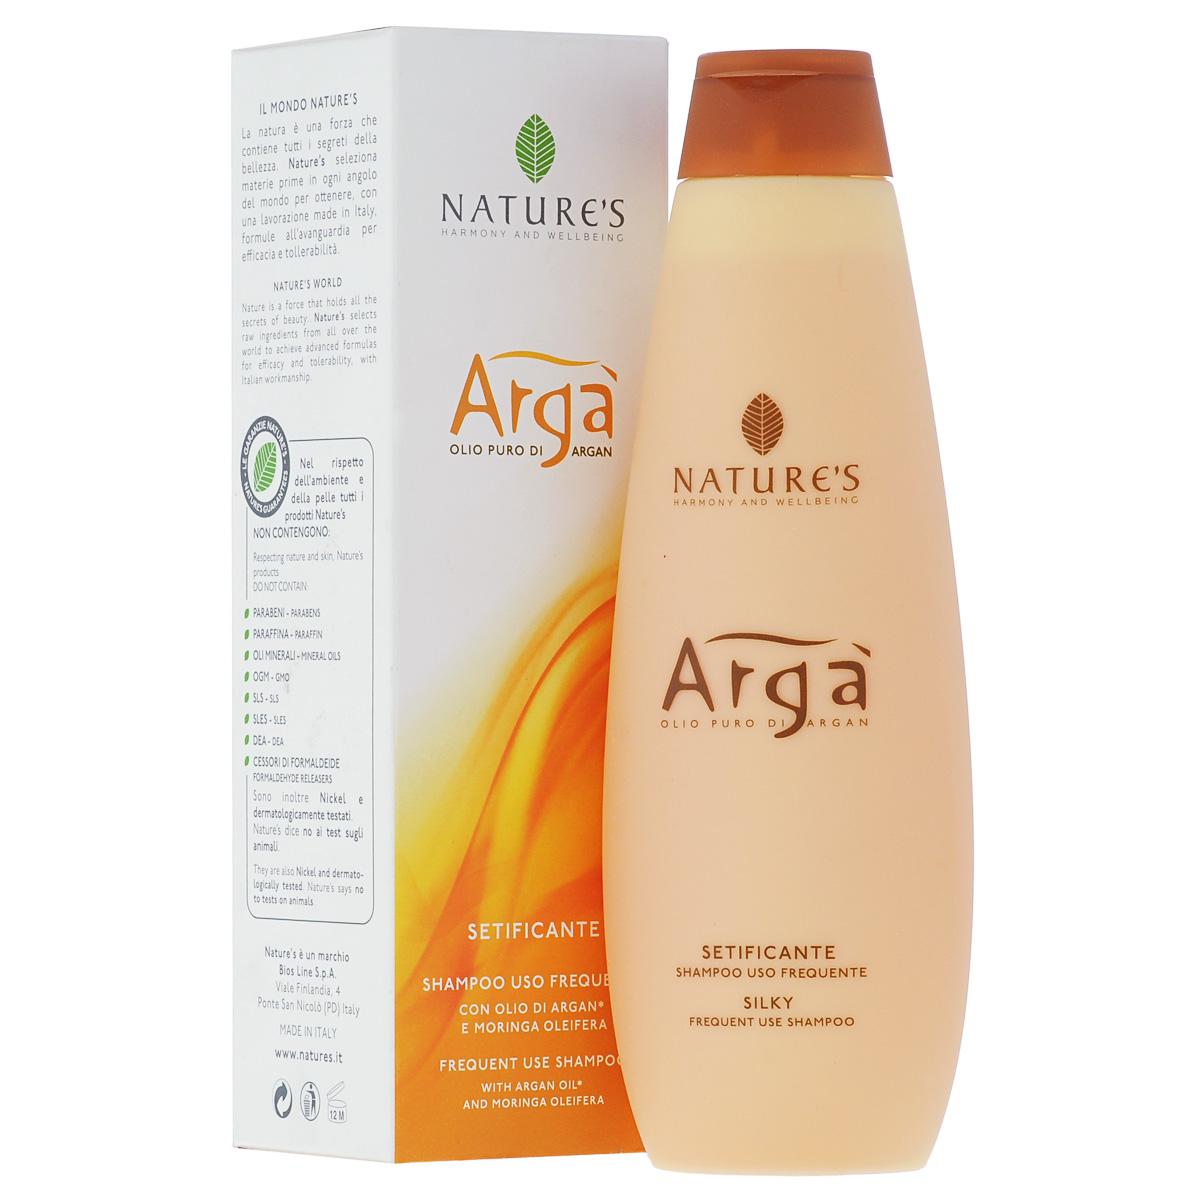 Шампунь Natures Arga, для частого использования, 200 мл81601104Шампунь Natures Arga рекомендуется для ухода за поврежденными, слабыми, тонкими волосами. Шампунь обладает восстанавливающим, антистрессовым эффектом. Питает, увлажняет, наполняет волосы силой, оставляя их мягкими, шелковистыми и сияющими. Тонизирует и успокаивает кожу головы. Благодаря эфирному маслу лицеи, придает приятное ощущение свежести и благополучия. Предназначен для частого использования.Характеристики:Объем: 200 мл.Производитель: Италия. Артикул:60150903. Товар сертифицирован.